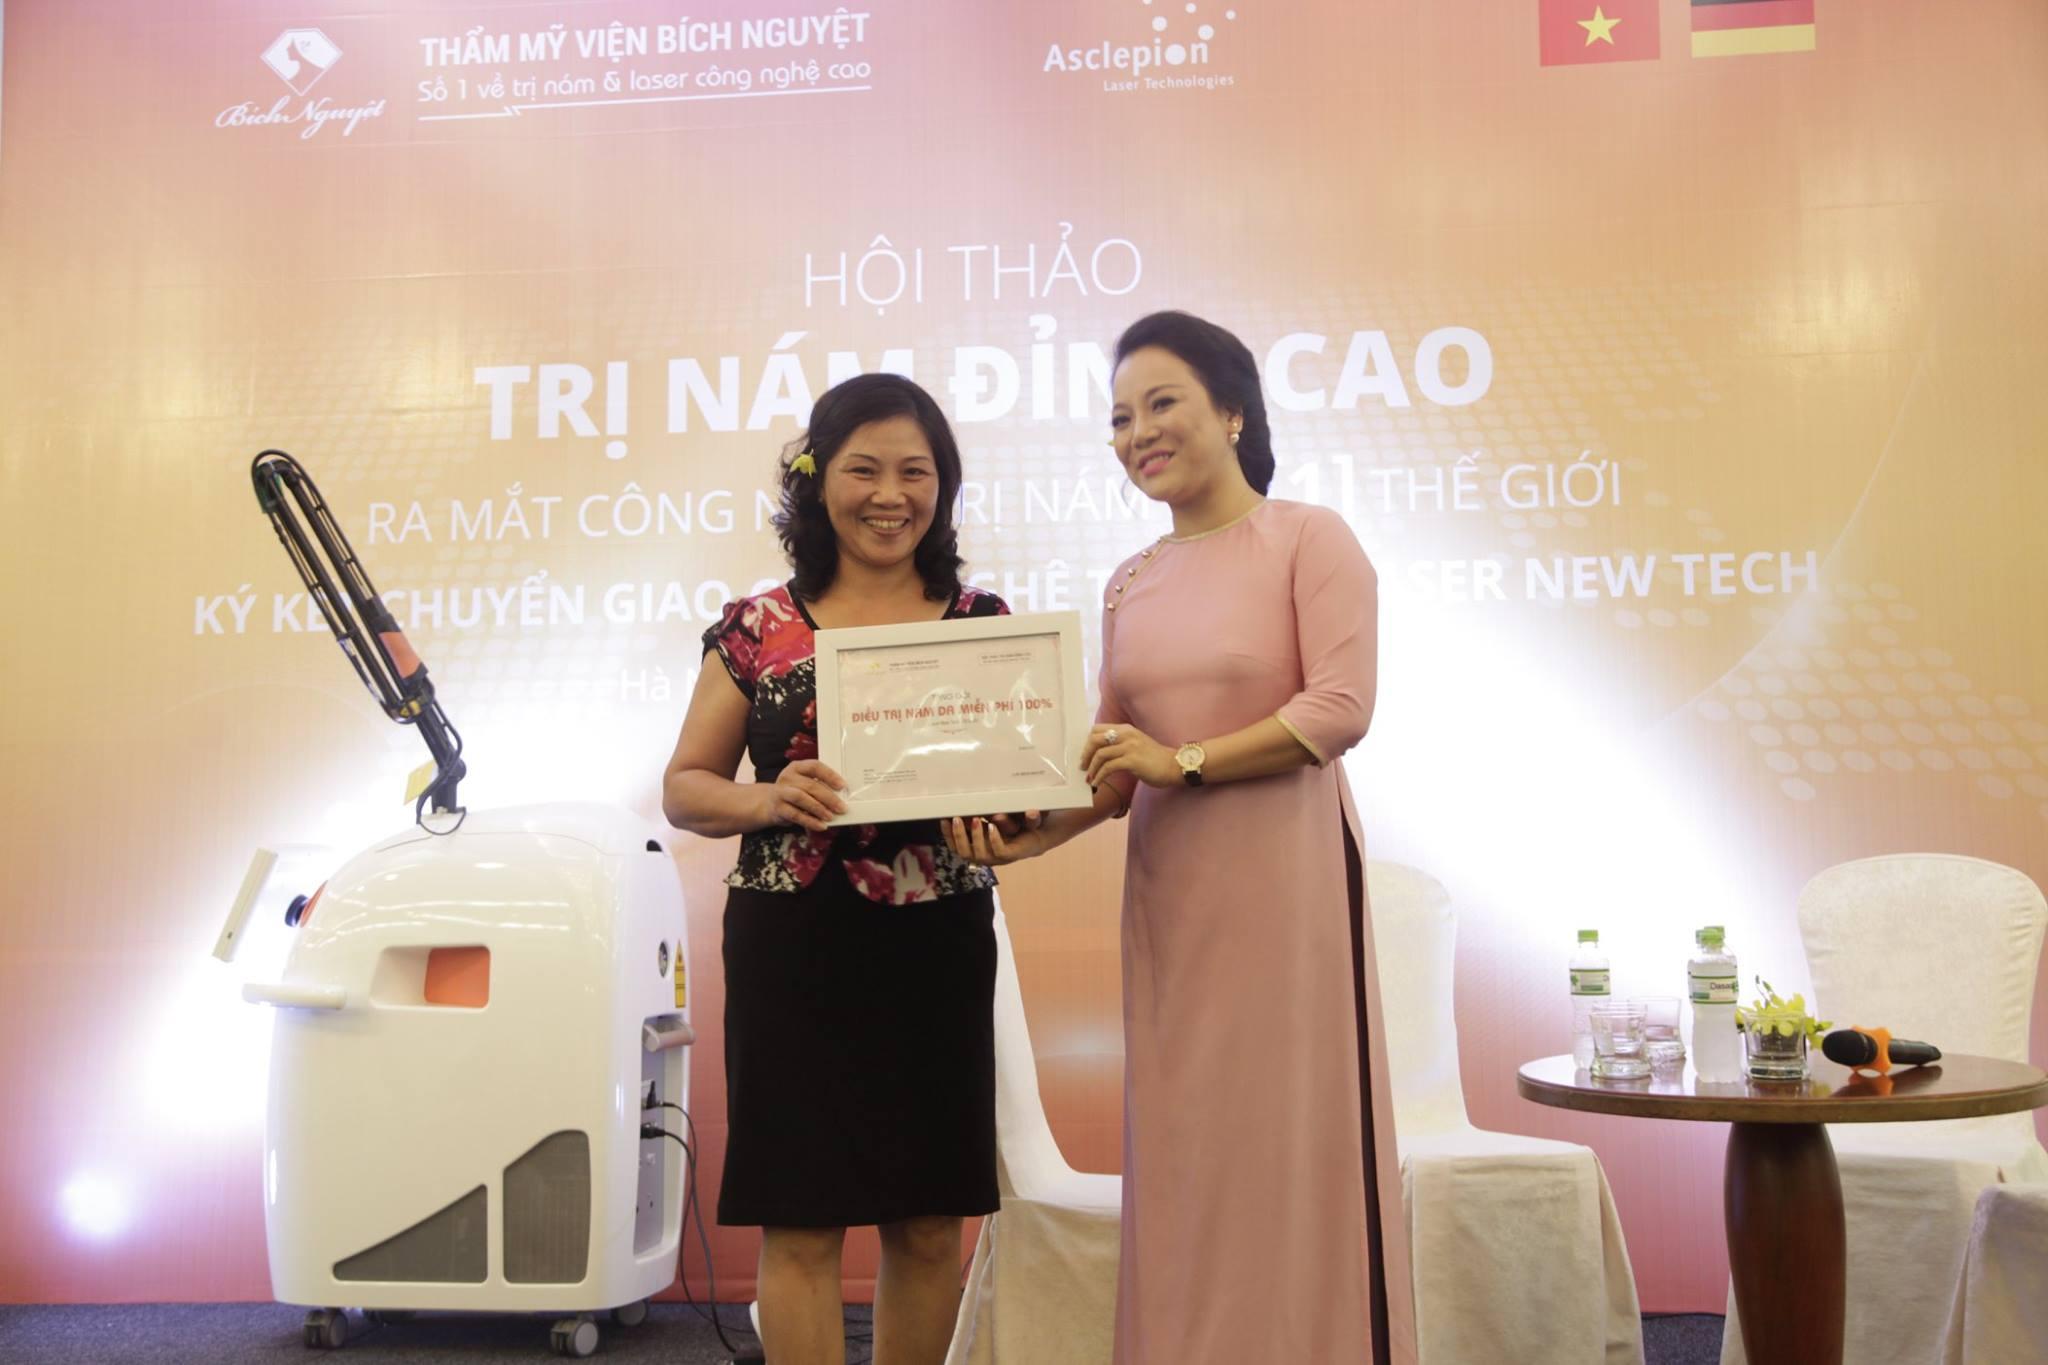 Áp dụng công nghệ trị nám số 1 thế giới tại Việt Nam - Ảnh 1